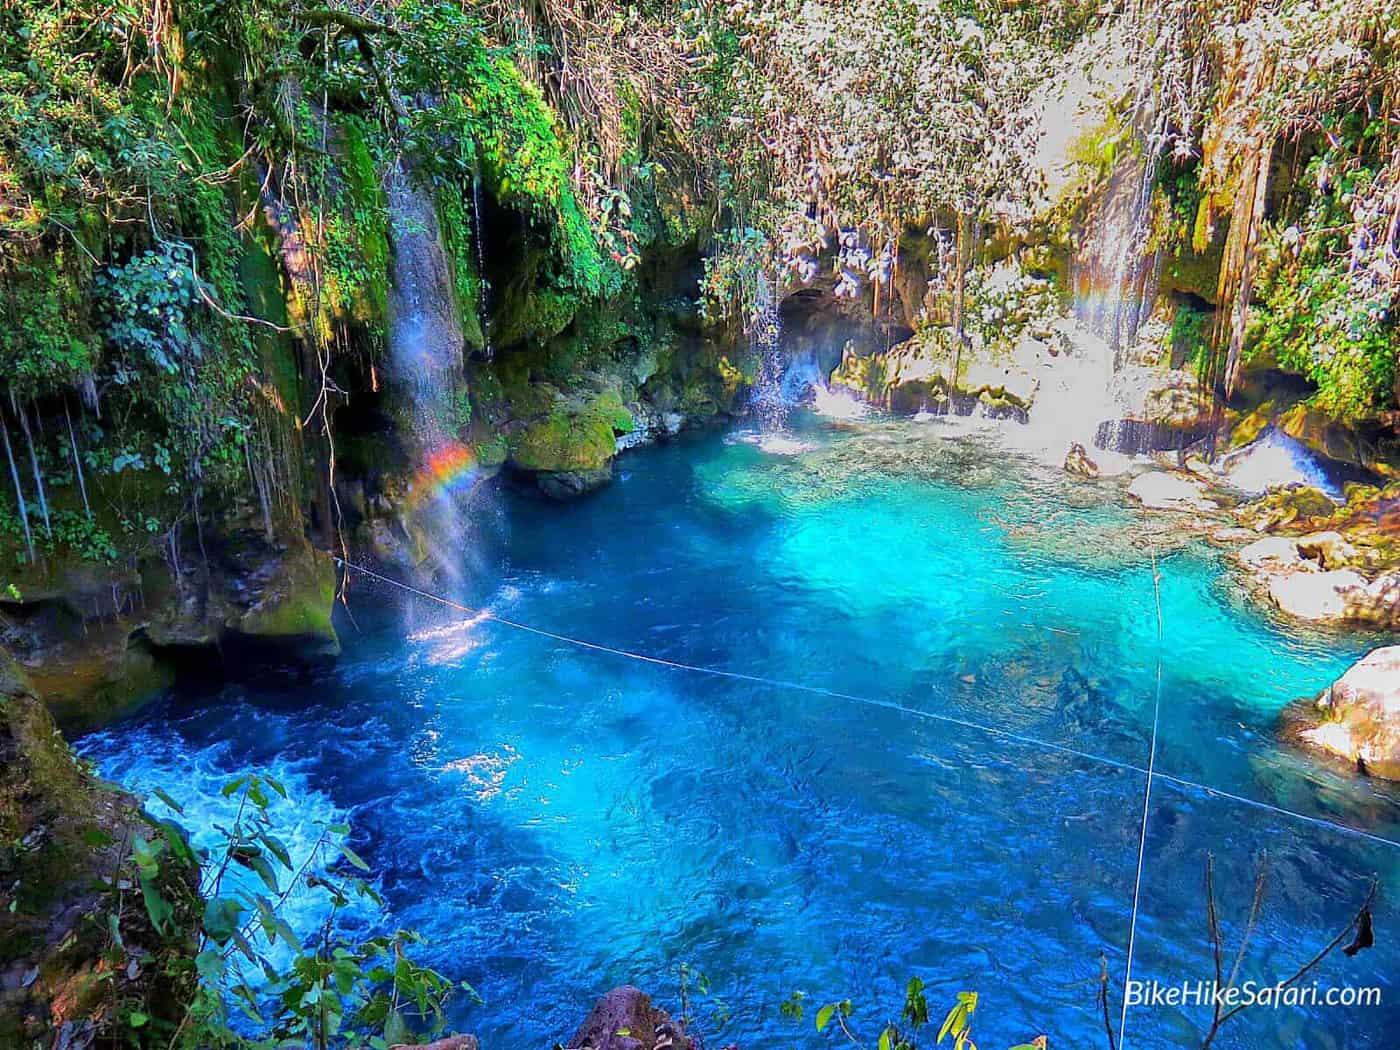 Puenta de dios waterfalls of the huesteca